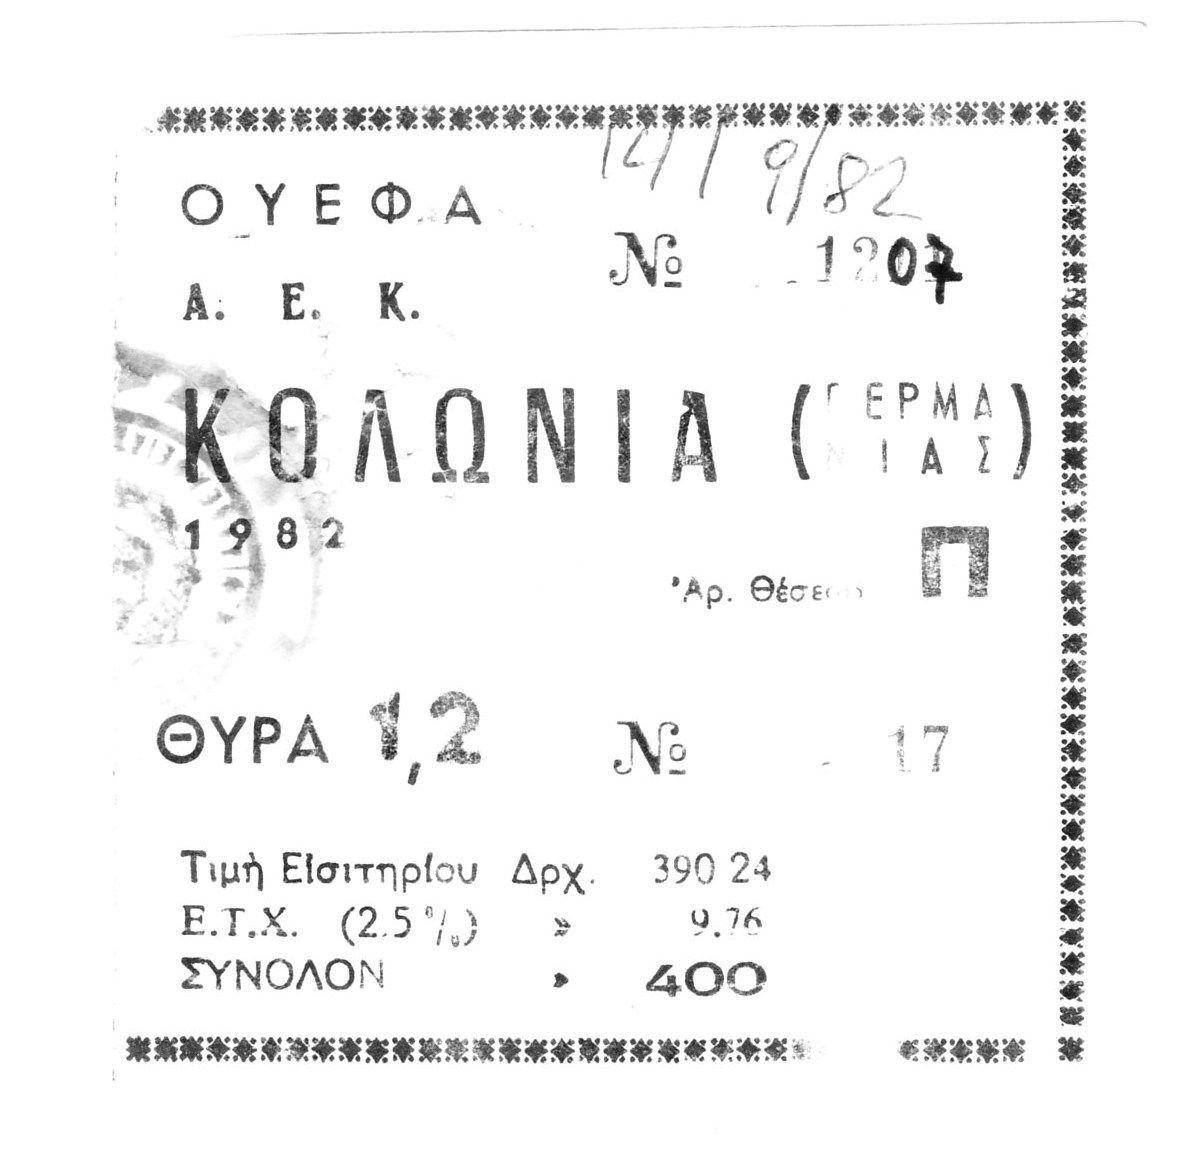 (1982)  14-9 ΚΥΠΕΛΛΟ UEFA ΑΕΚ-ΚΟΛΩΝΙΑΣ (Δ.ΓΕΡΜΑΝΙΑΣ) 3-3 -ΒΛΑΧΟΣ,ΜΠΑΛΛΗΣ(Π),ΝΙΚΟΛΟΥΔΗΣ ΔΙΑΚΟΠΗΚΕ ΣΤΟ 88'' ΕΣΒΗΣΑΝ ΤΑ ΦΩΤΑ ΝΕΑ ΦΙΛΑΔΕΛΦΙΑ (2)